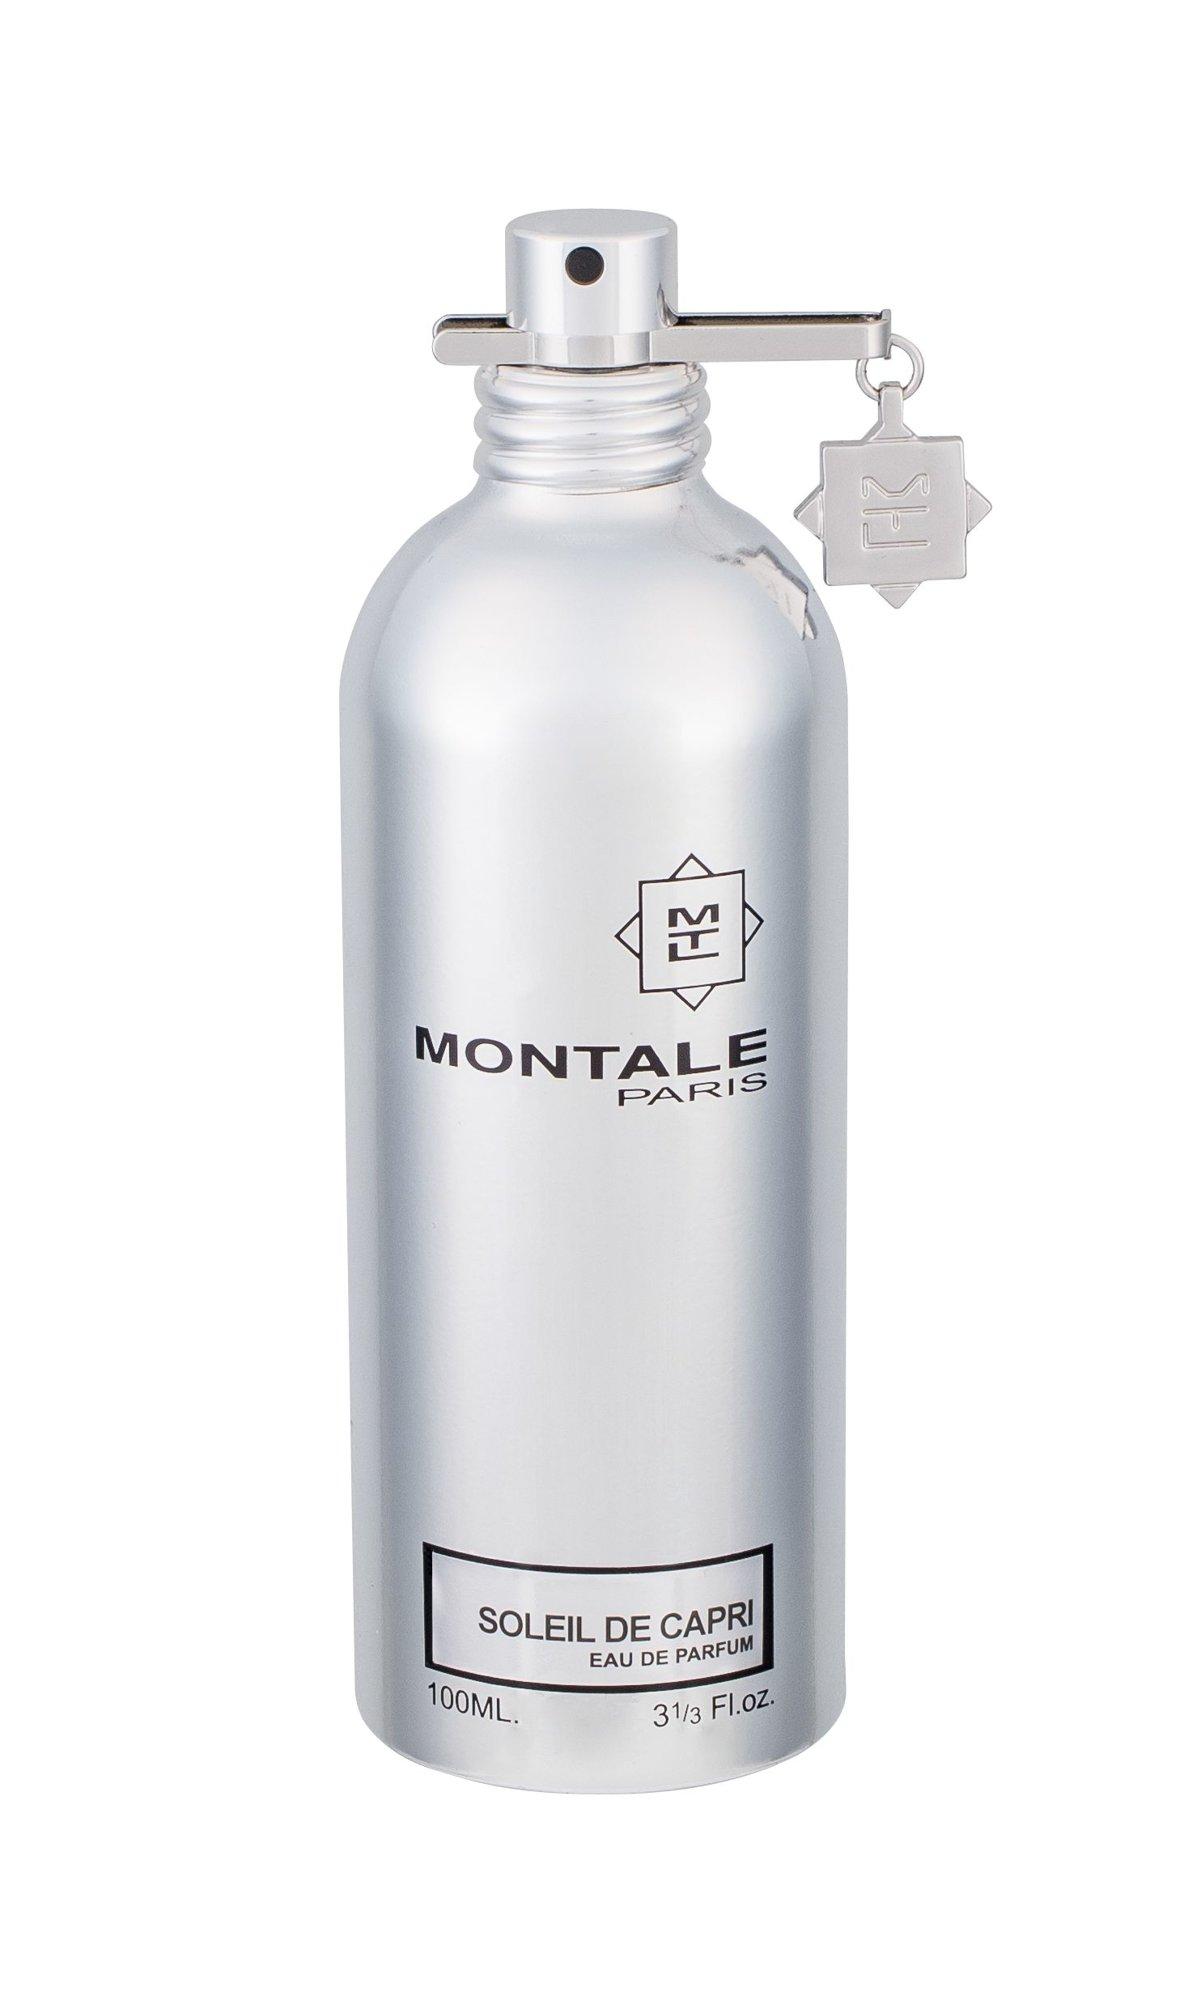 Montale Paris Soleil De Capri Eau de Parfum 100ml